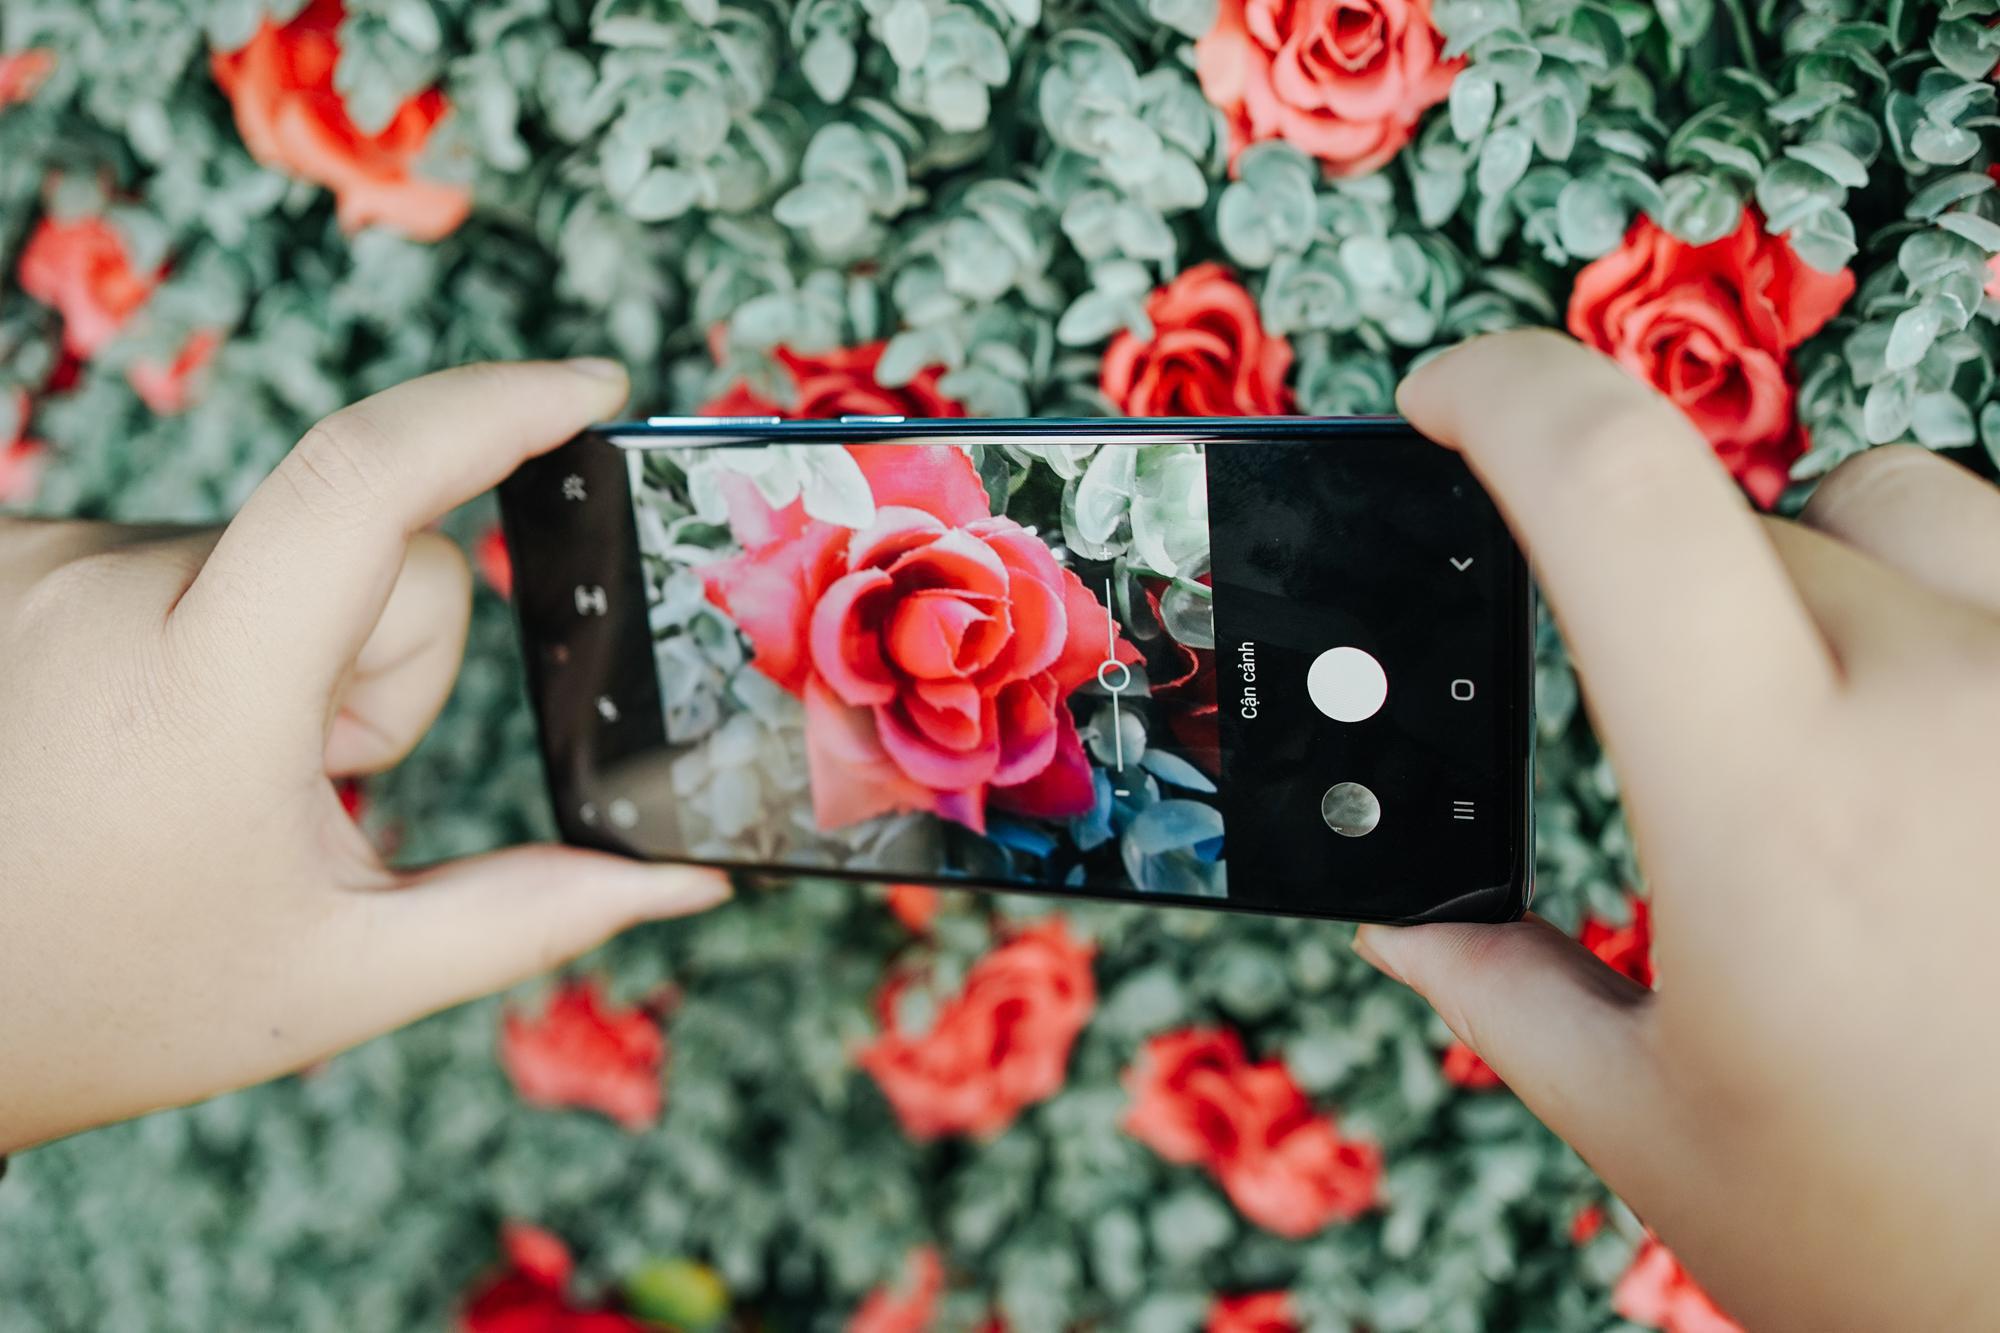 Hoa lá thì ai chả chụp được, nhưng chỉ có cách này mới làm ảnh của bạn hút likes hơn nghìn lần! - Ảnh 1.